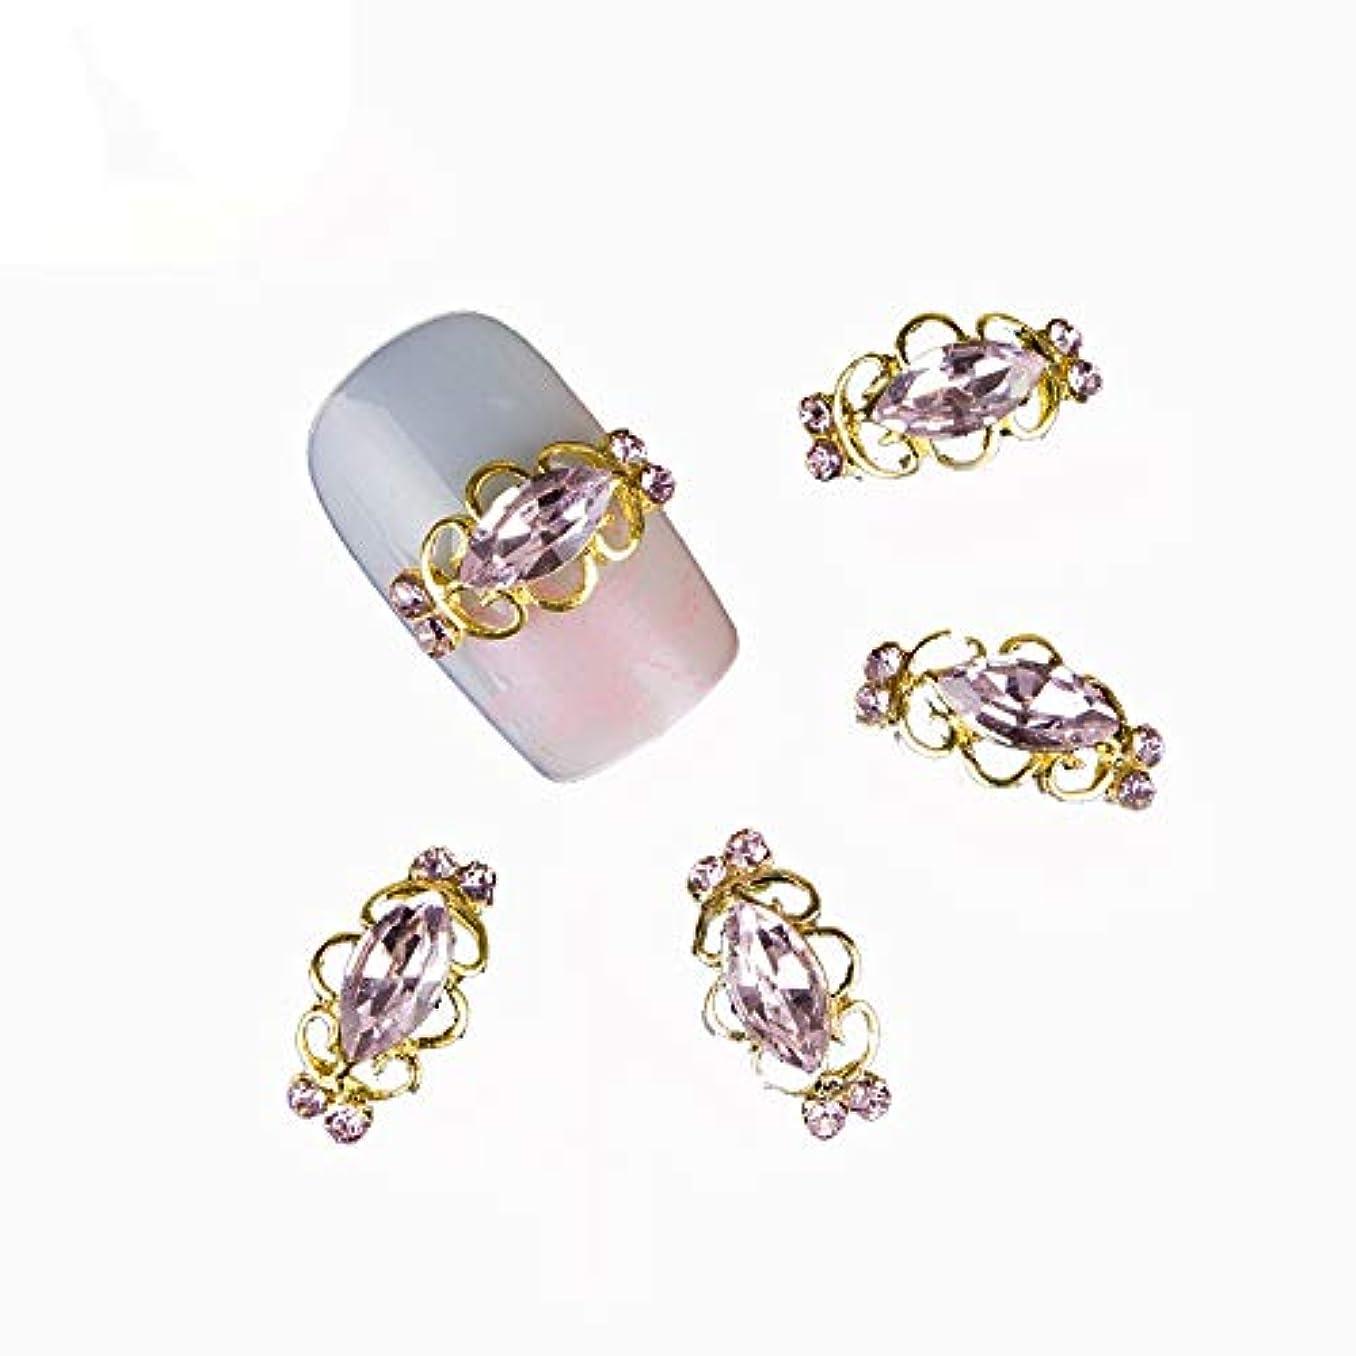 顕現矛盾バンケット10個入り/ロット3Dネイルラインストーンの装飾紫色の宝石DIYネイル合金ジュエリーネイルアートネイルスタッドツールのヒント